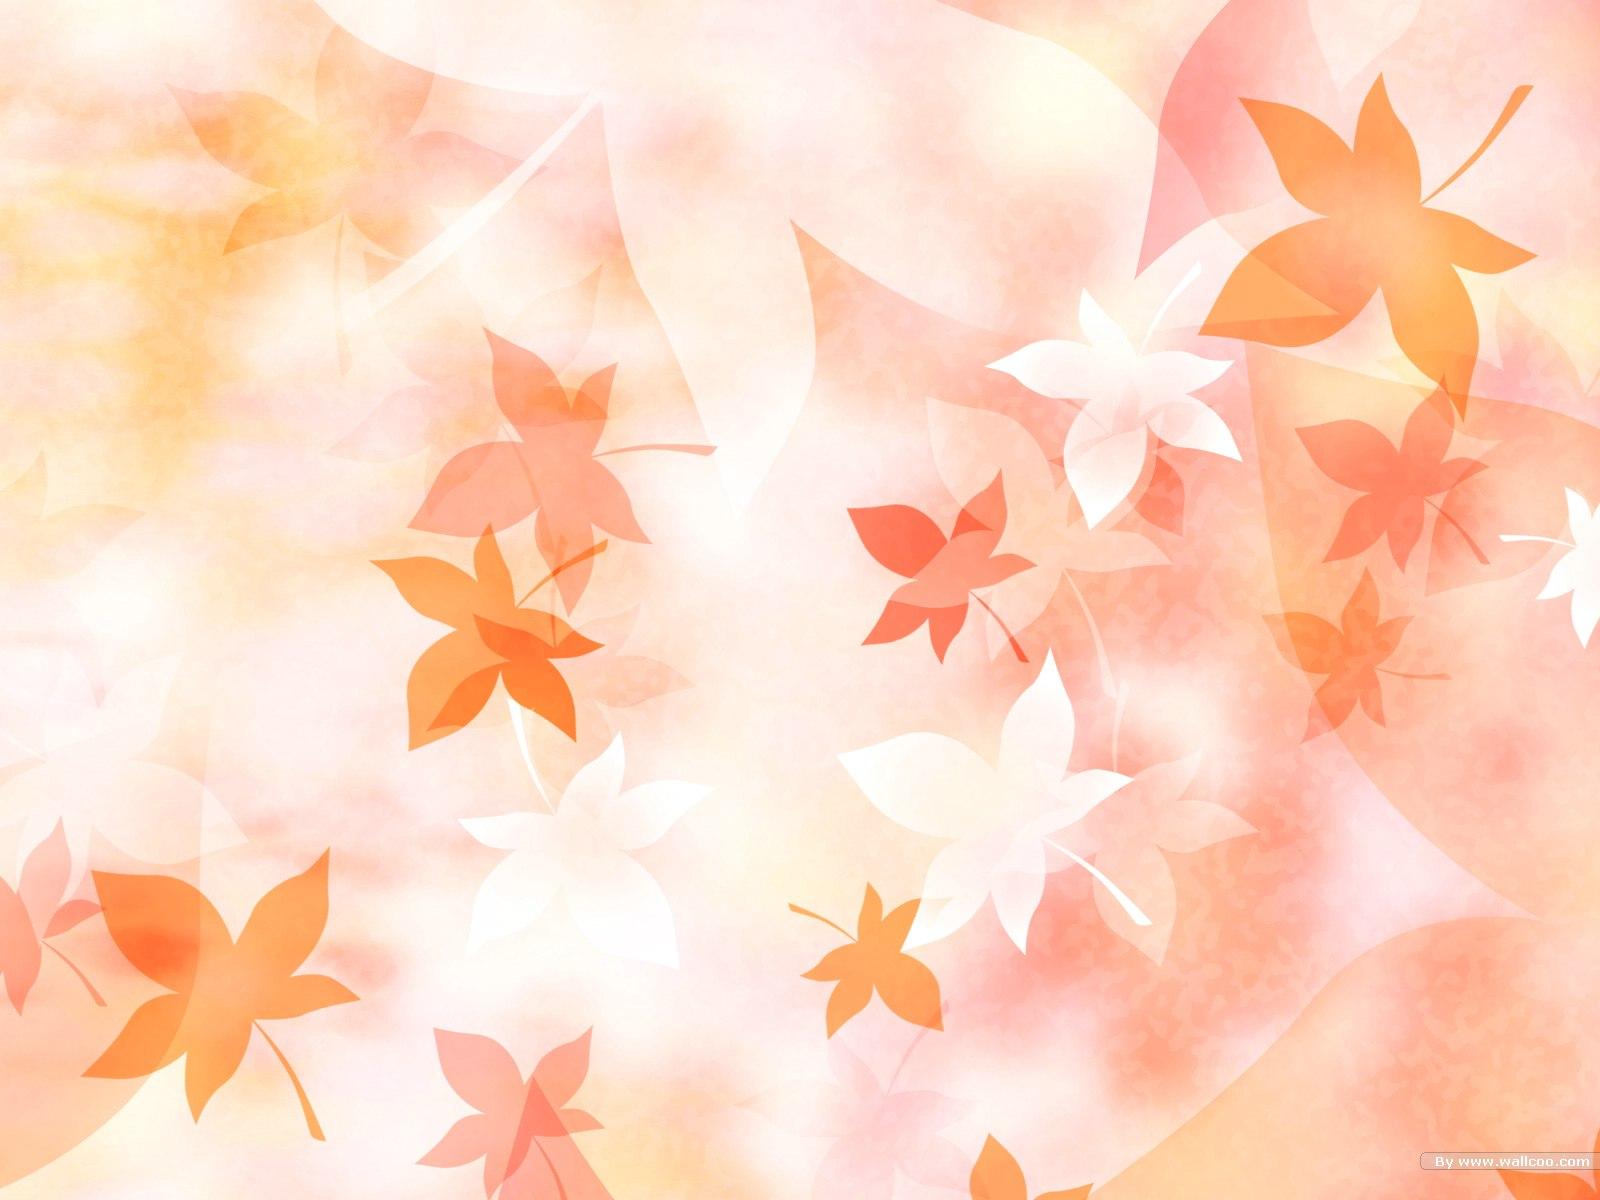 日本樱花蝴蝶扇子背景图片素材